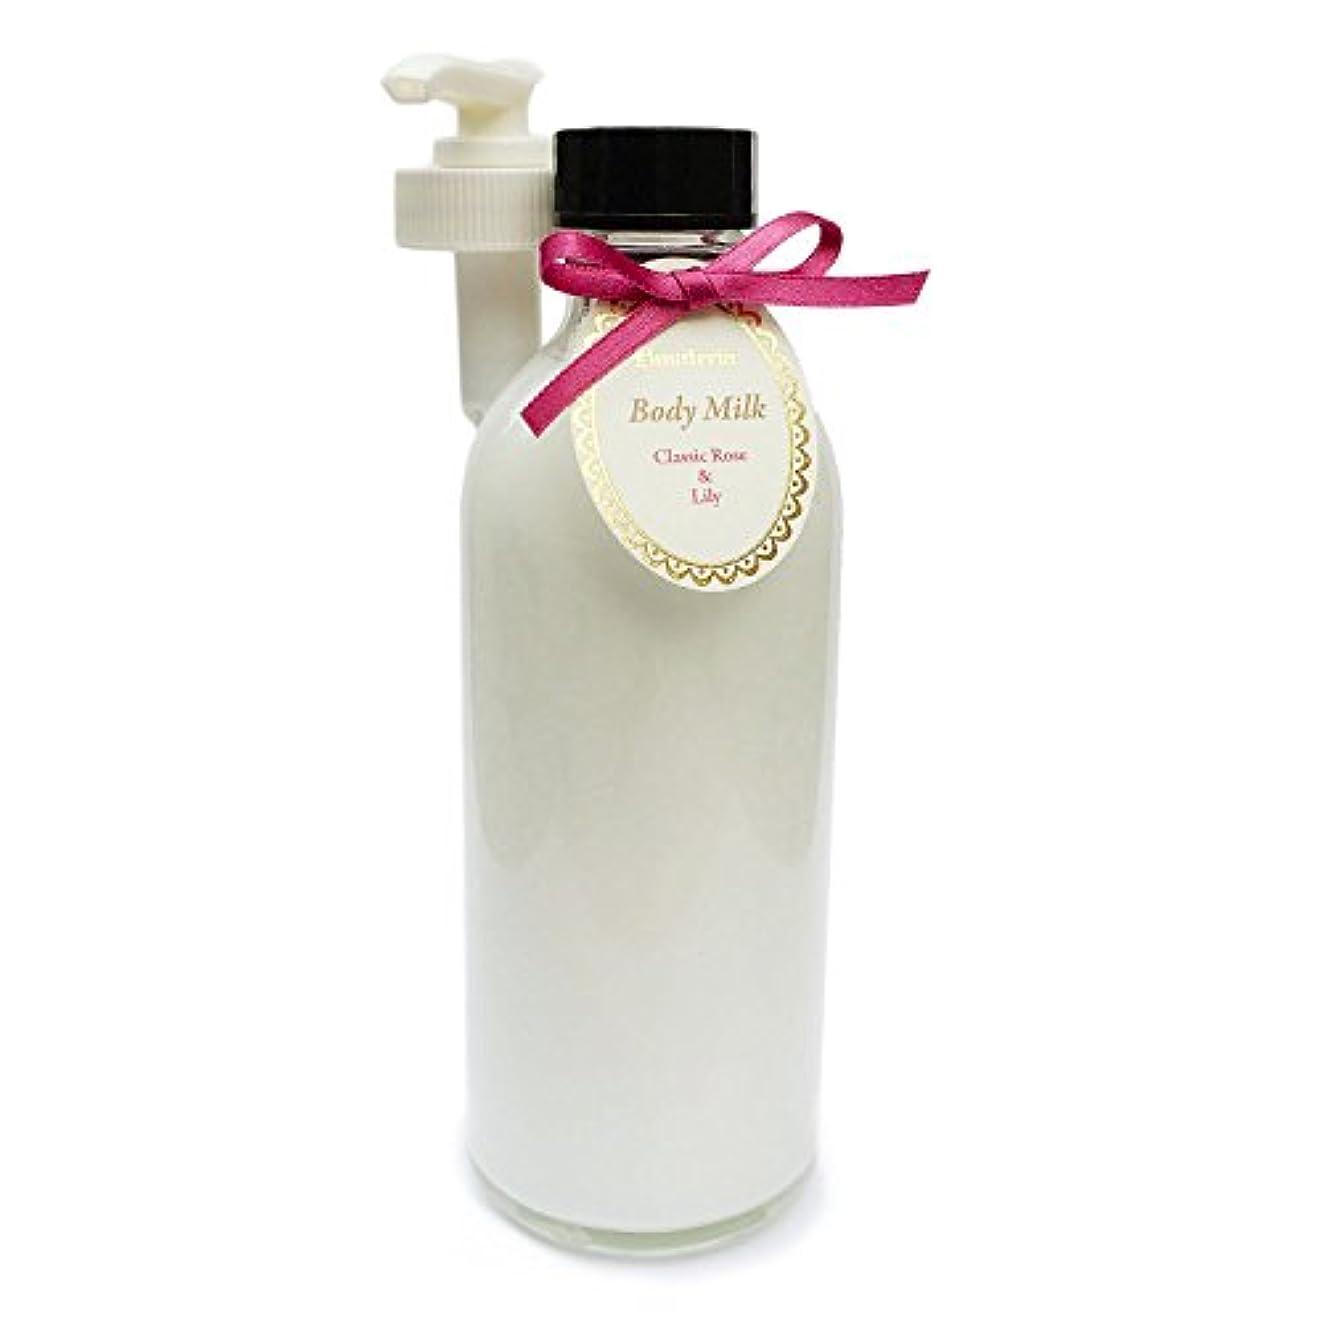 想定クリームベリーD materia ボディミルク クラシックローズ&リリー Classic Rose&Lily Body Milk ディーマテリア